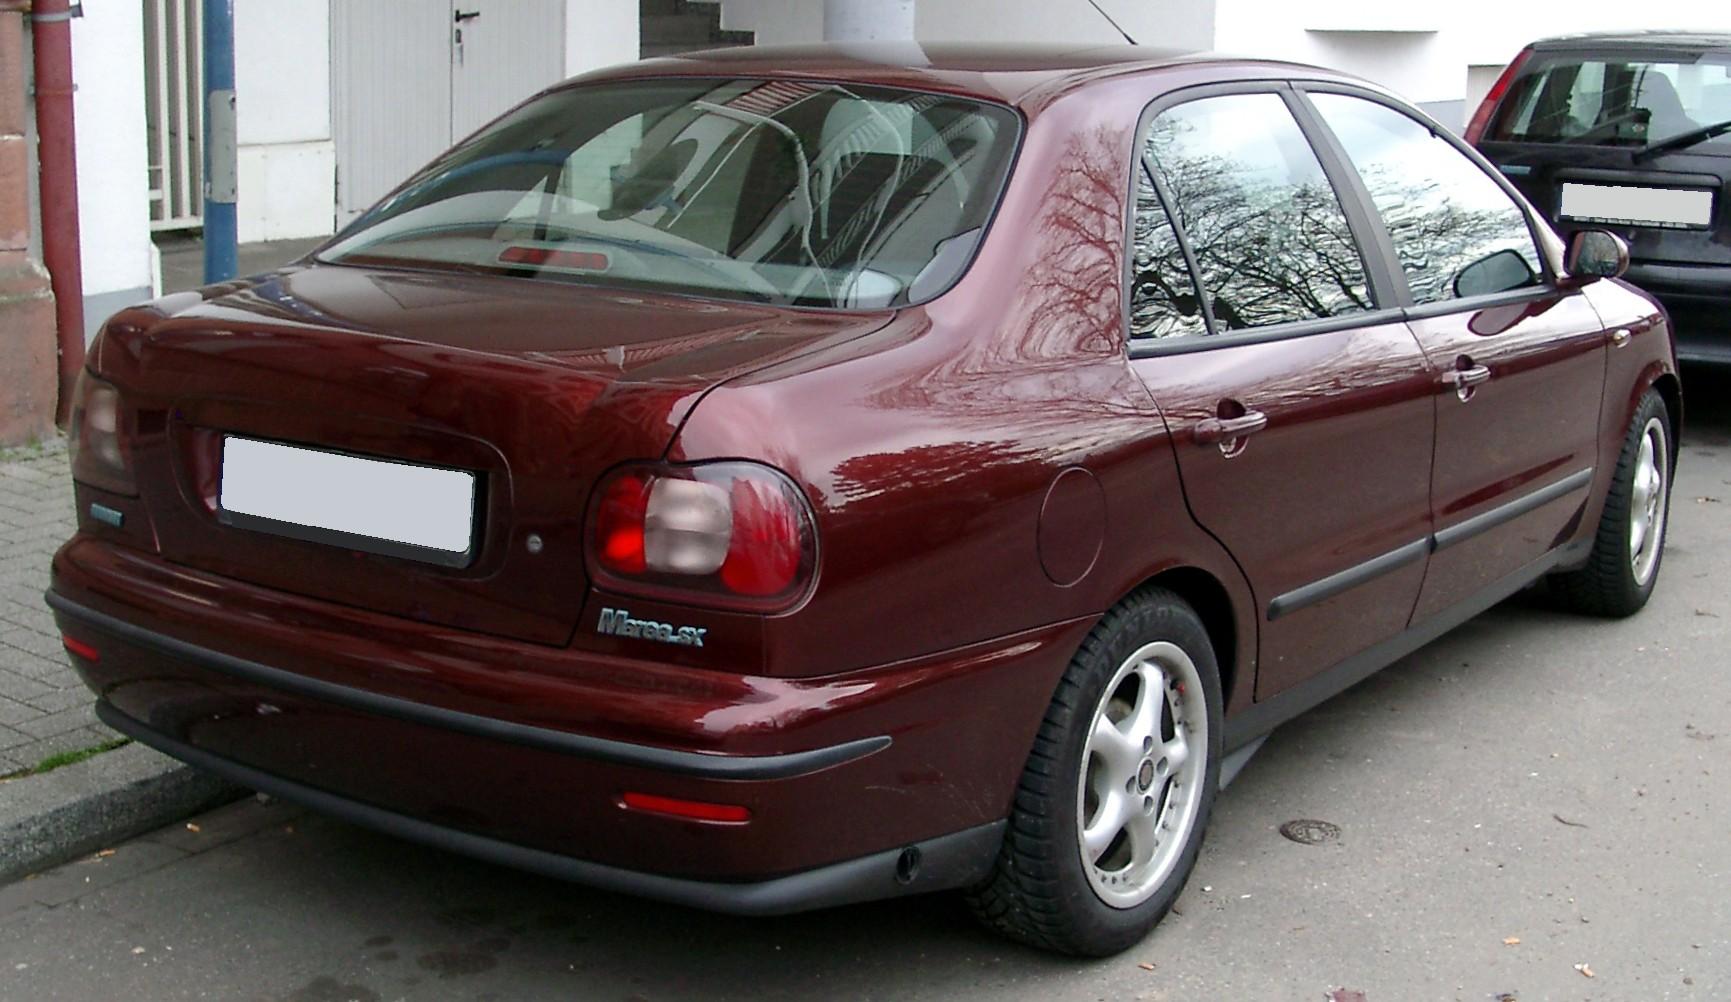 Fiat_Marea_rear_20080226.jpg